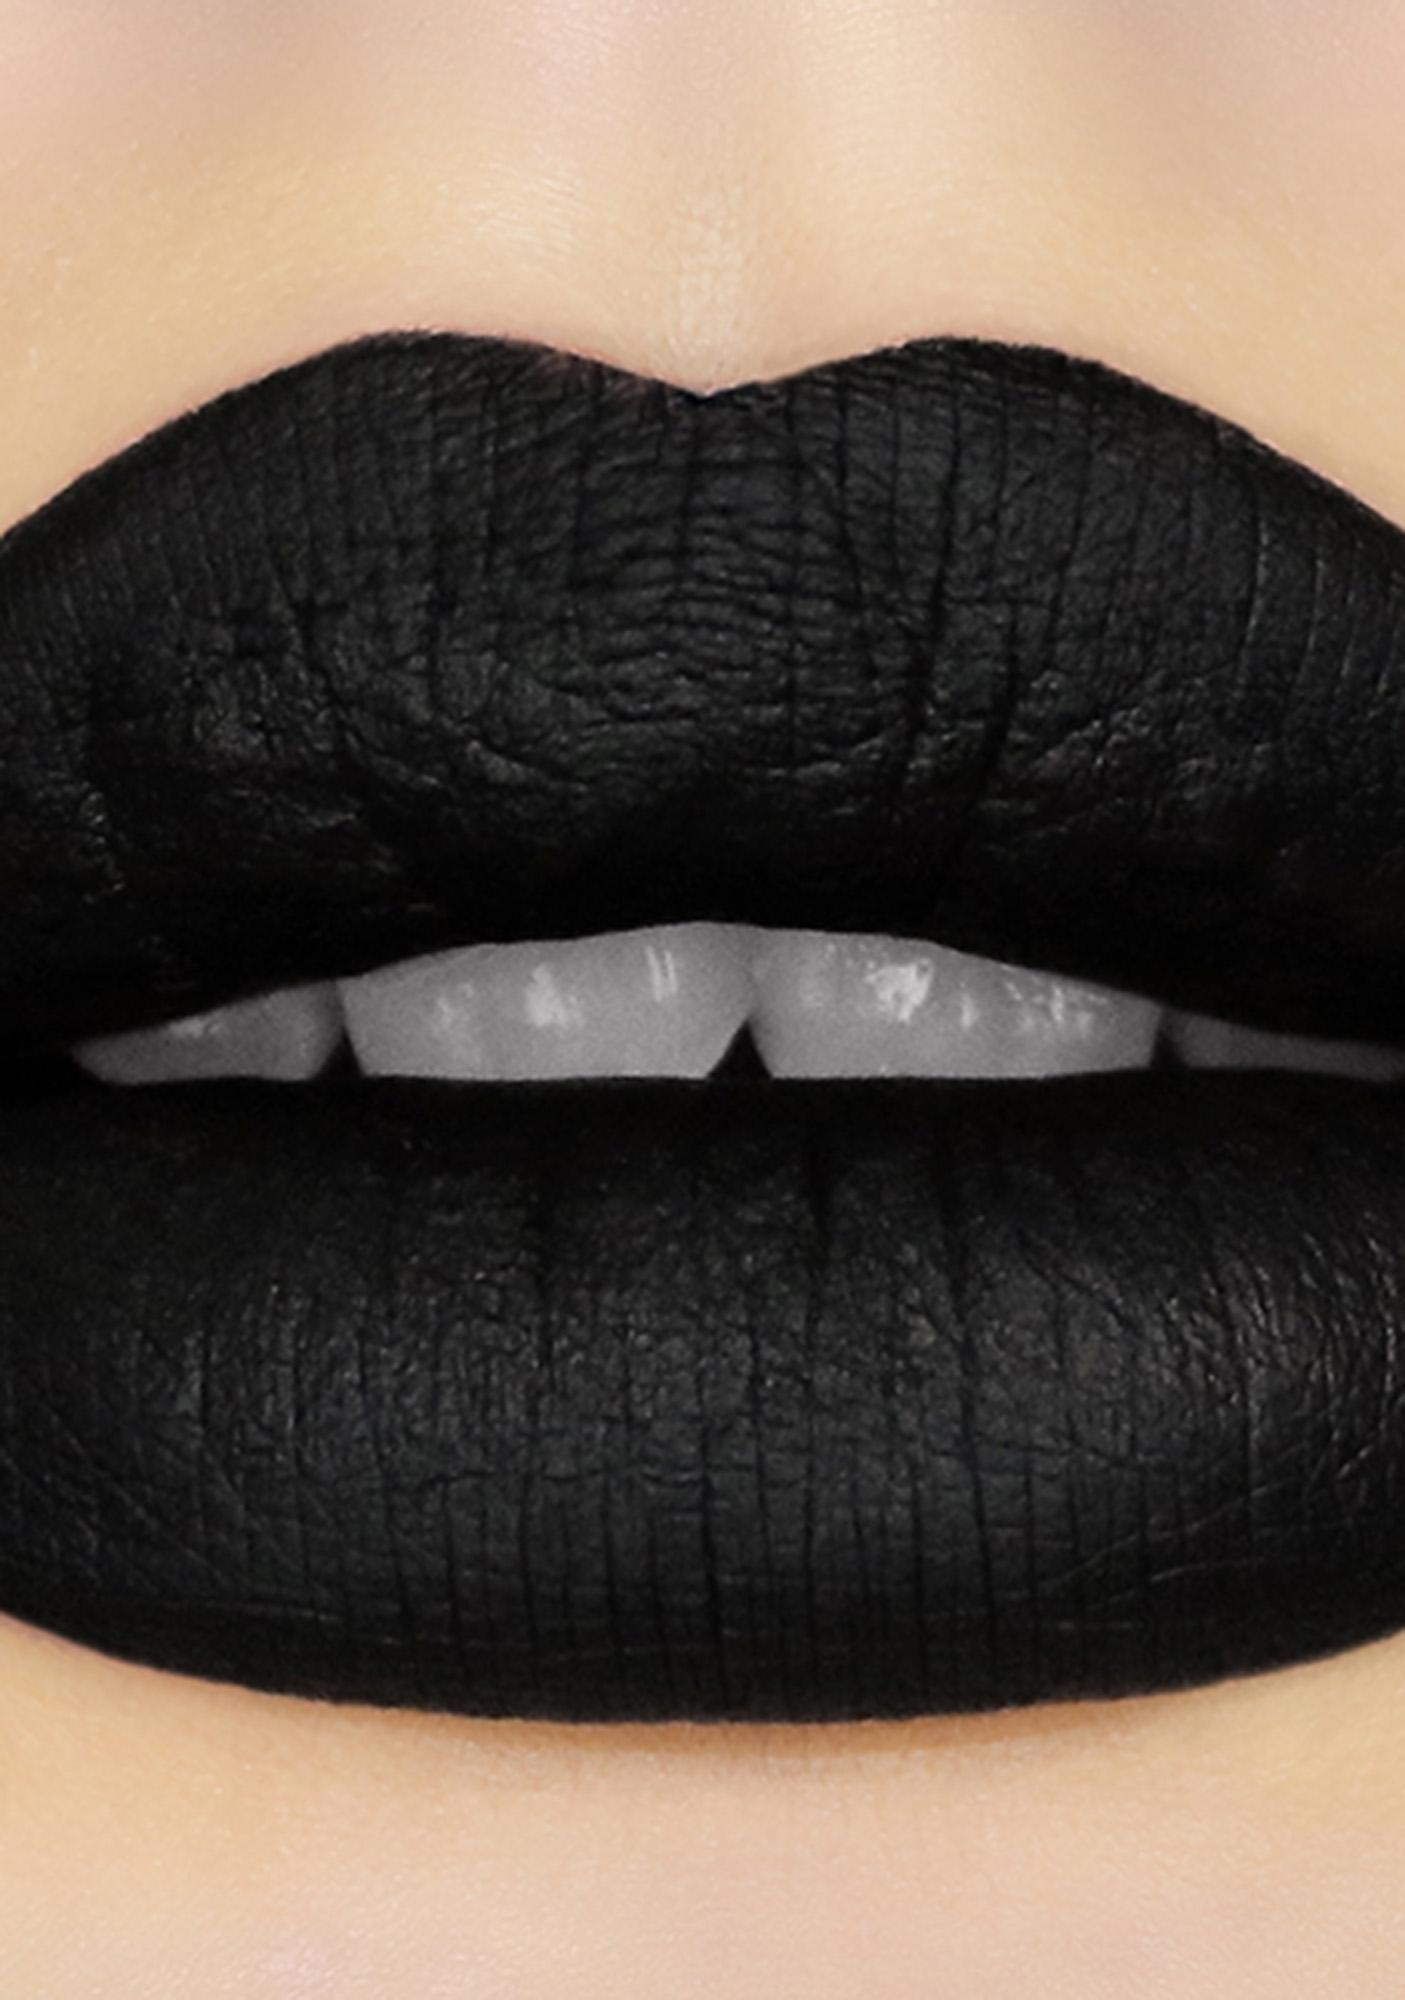 Sugarpill Zero Pretty Poison Lipstick